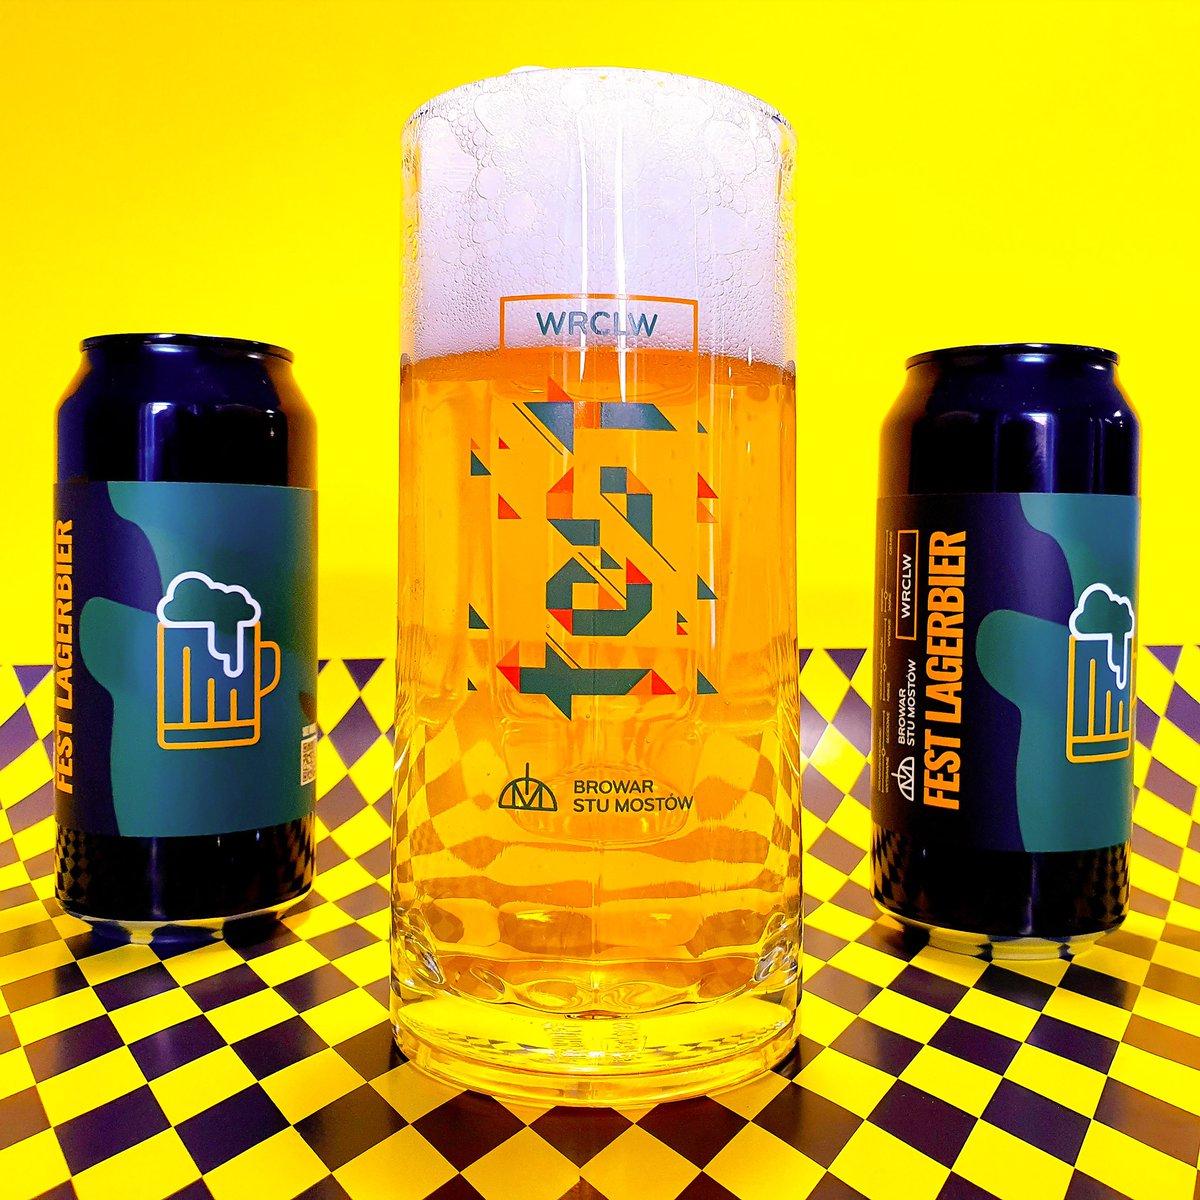 Już tylko 2 dni do wyczekiwanej premiery #WRCLW Fest Lagerbier i pierwszej edycji #WRCLWFest!  #BeerFest #BeerRelease #Beer #NewBeer #Piwo #PiwoKraftowe #Wroclaw #PiwnyWroclaw #Wroclove #Oktoberfest #Lager #Festbier https://t.co/52uxEedx4A